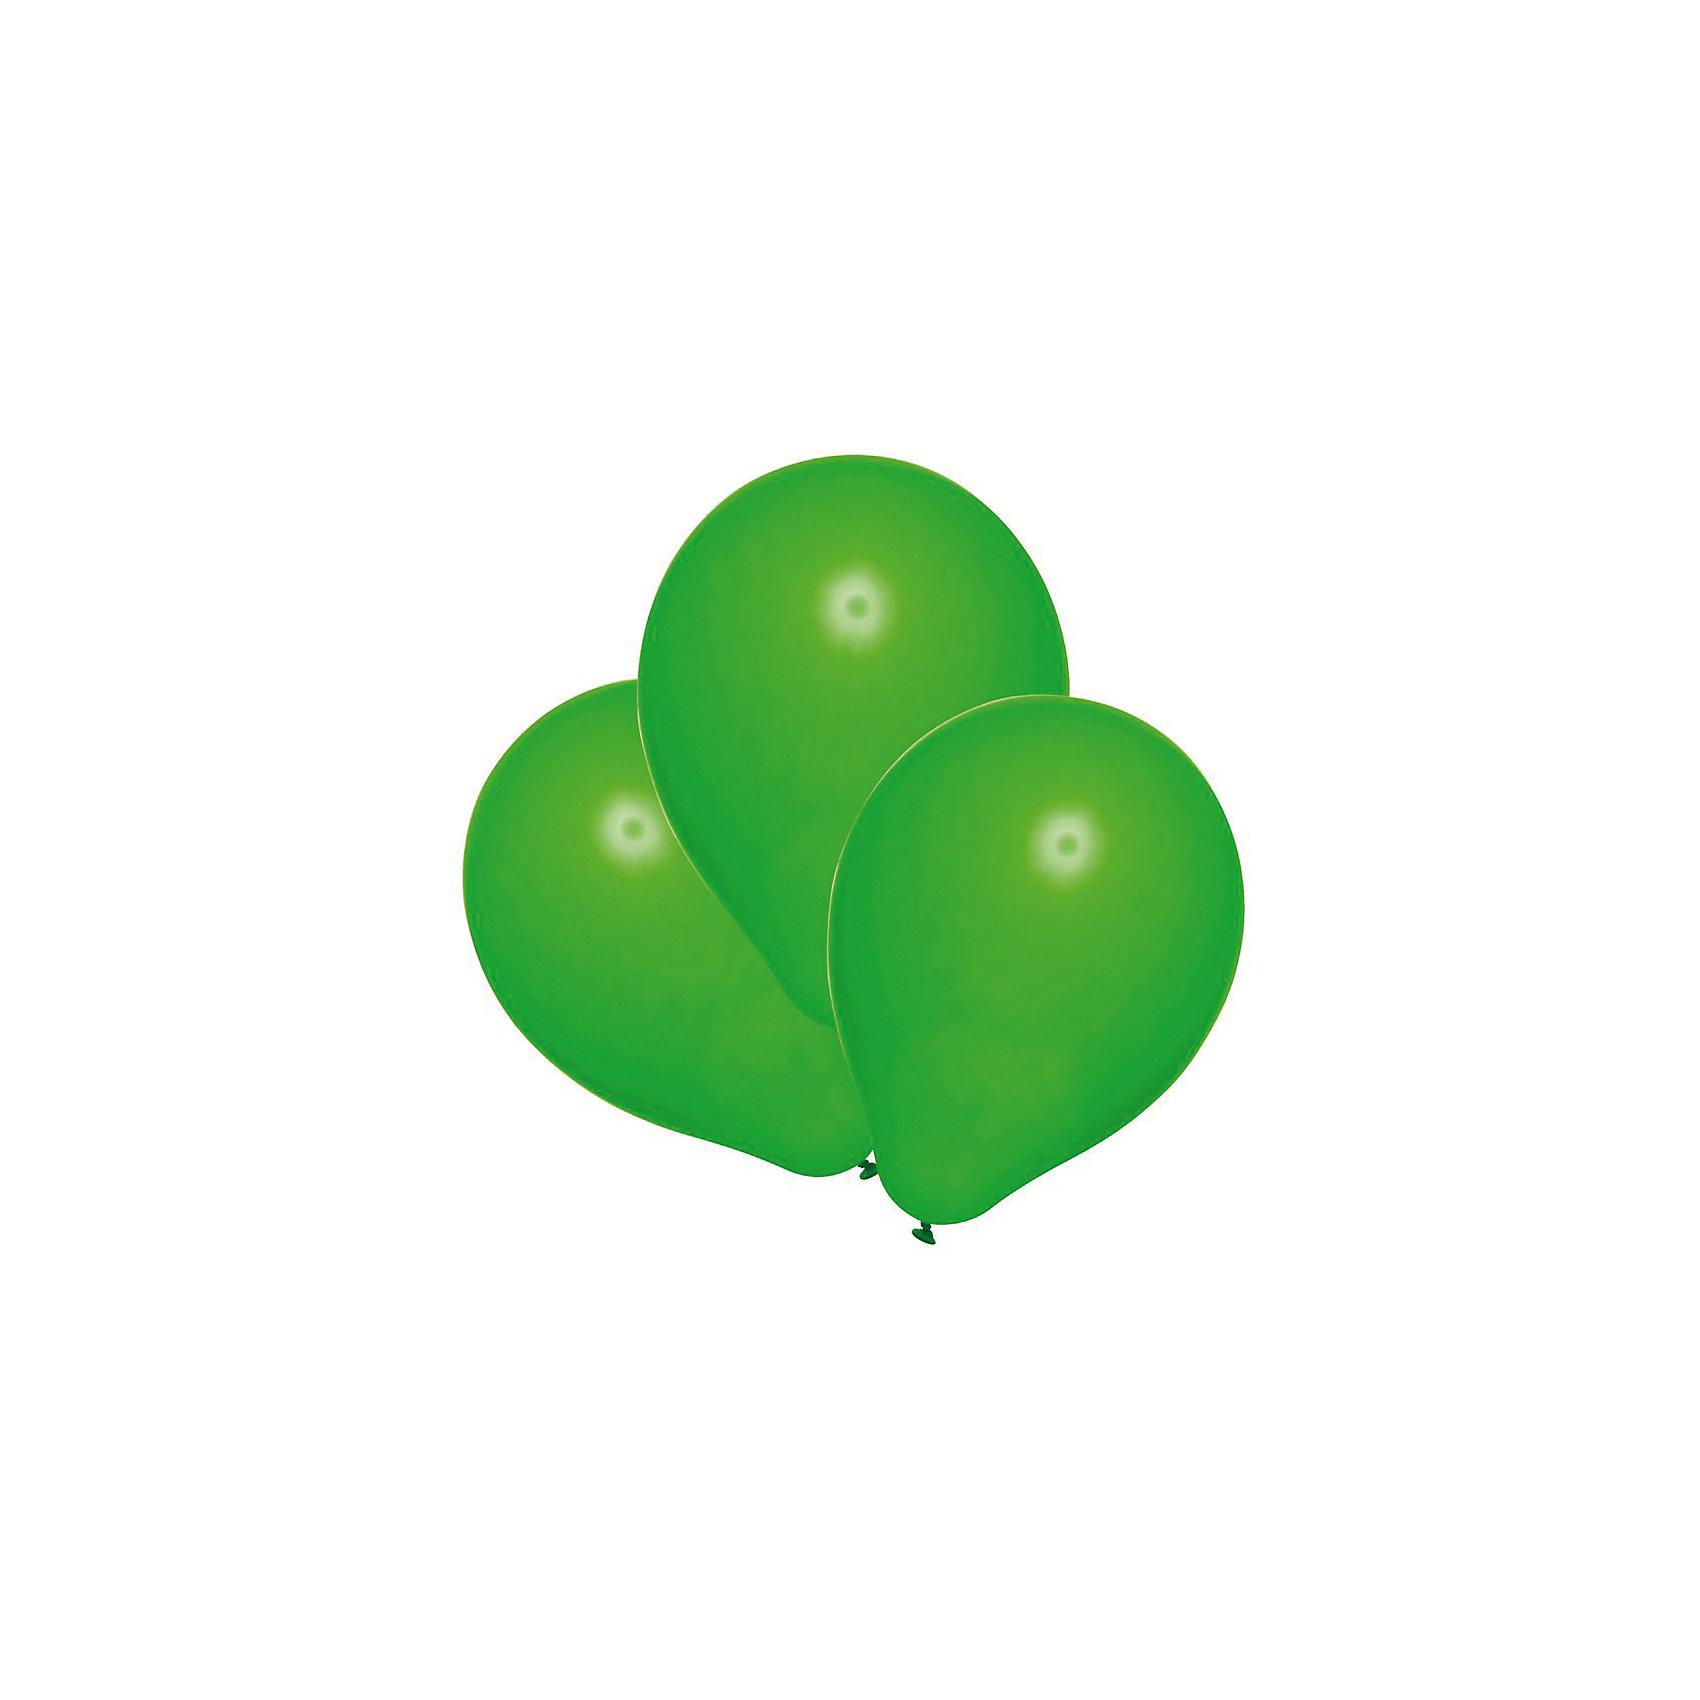 Шары воздушные, 25 шт, зеленыеВсё для праздника<br>Характеристики товара:<br><br>• возраст: от 3 лет<br>• цвет:  зеленый<br>• материал: биоразлагаемый латекс<br>• размер упаковки: 3х13х20 см<br>•  для надувания гелием или воздухом<br>• комплектация: 25 шт<br>• вес: 50 г<br>• страна бренда: Германия<br>• страна изготовитель: Германия<br><br>Зеленые воздушные шары добавят красок во время празднования дня рождения или свадьбы.<br><br>Изделие произведено из безопасного для детей материала.<br><br>Шары воздушные, 25 шт,  зеленые, от бренда Herlitz (Херлиц) можно купить в нашем интернет-магазине.<br><br>Ширина мм: 30<br>Глубина мм: 128<br>Высота мм: 200<br>Вес г: 46<br>Возраст от месяцев: 36<br>Возраст до месяцев: 2147483647<br>Пол: Унисекс<br>Возраст: Детский<br>SKU: 6886495